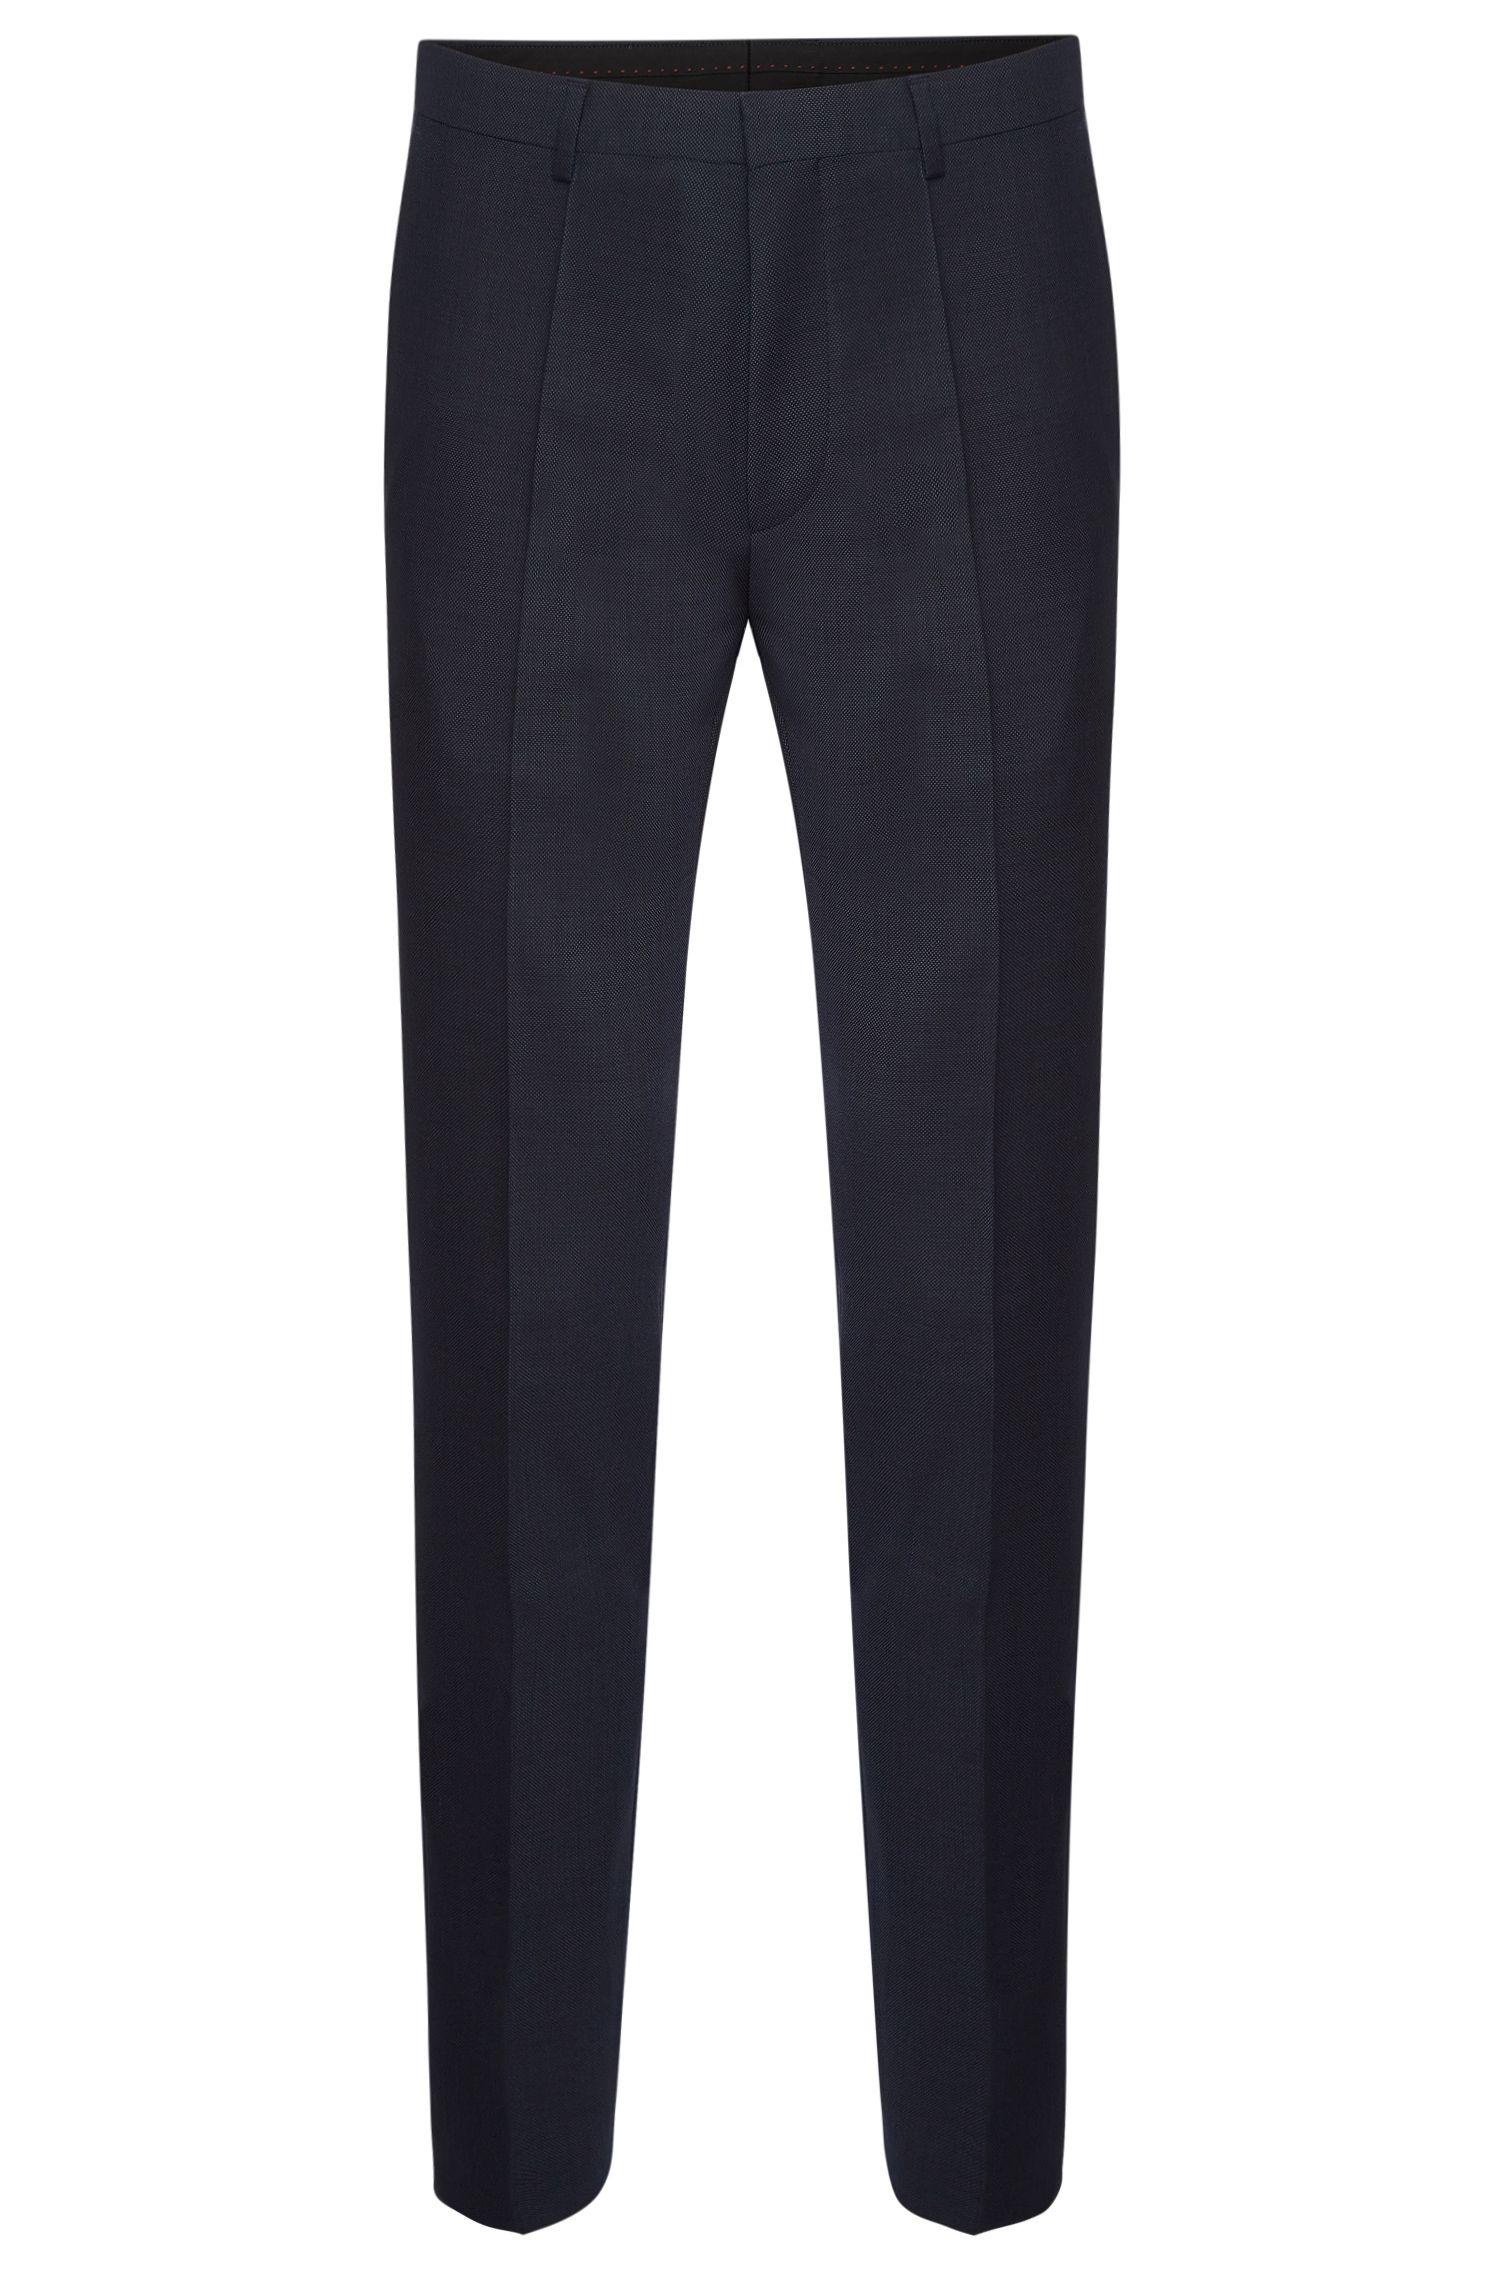 Fijngestructureerde extra slim-fit broek van scheerwol: 'HerioS'